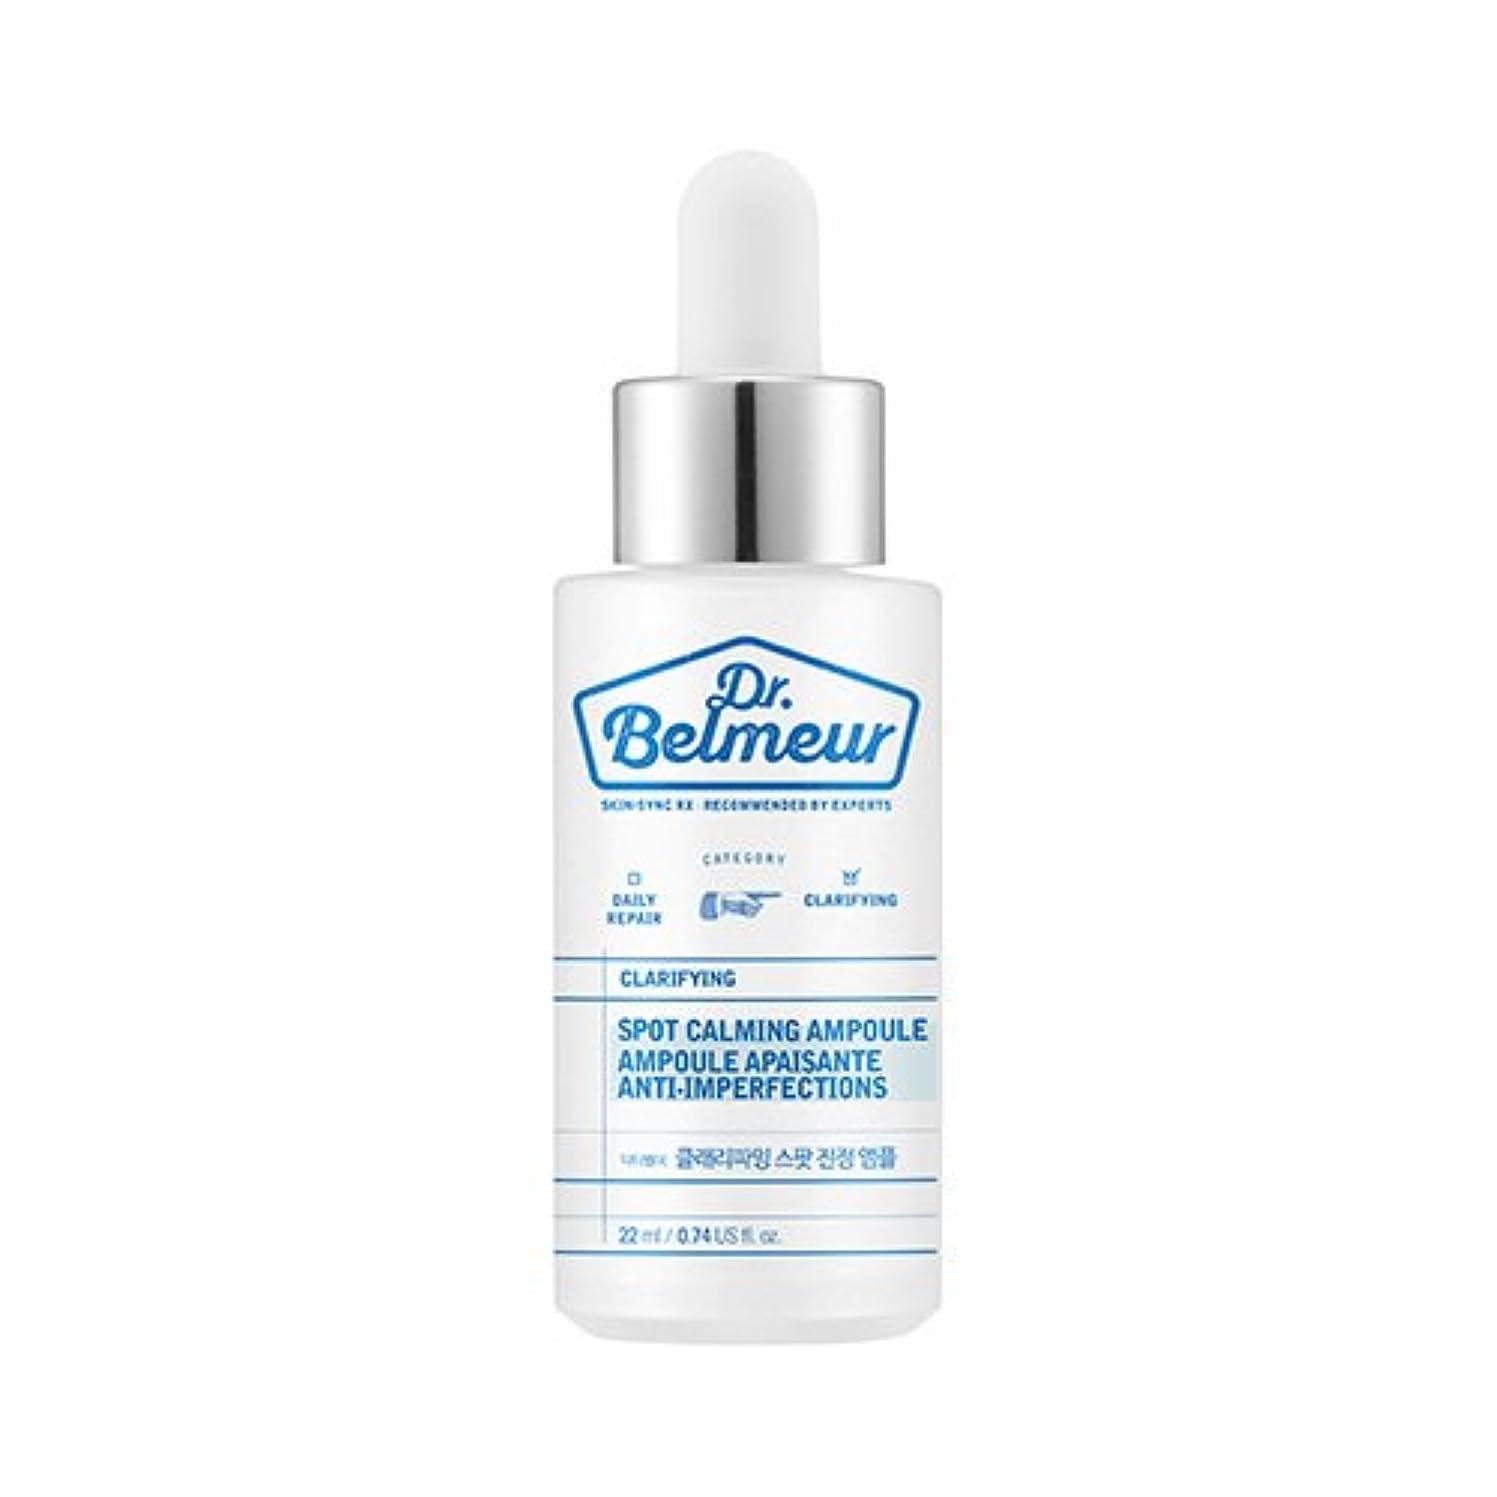 劇作家純正なのでTHE FACE SHOP Dr.Belmeur Clarifying Spot Calming Ampoule 22ml/ザフェイスショップ ドクターベルムール クラリファイング スポット カーミング アンプル 22ml